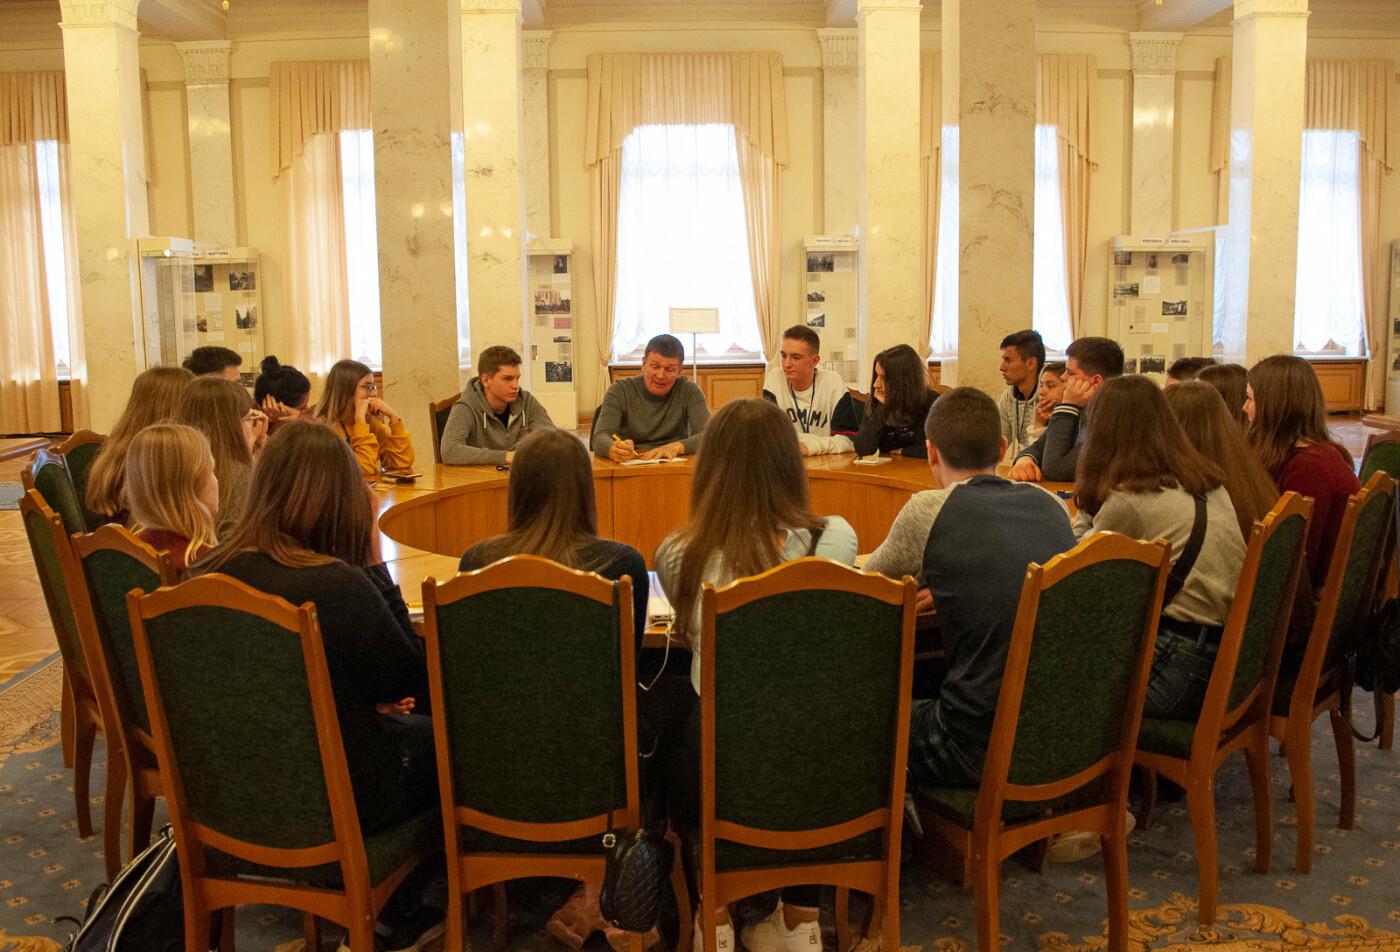 Подорож до парламенту: 20 закарпатських школярів виграли поїздку на освітню екскурсію до Верховної Ради (ВІДЕО), фото-3